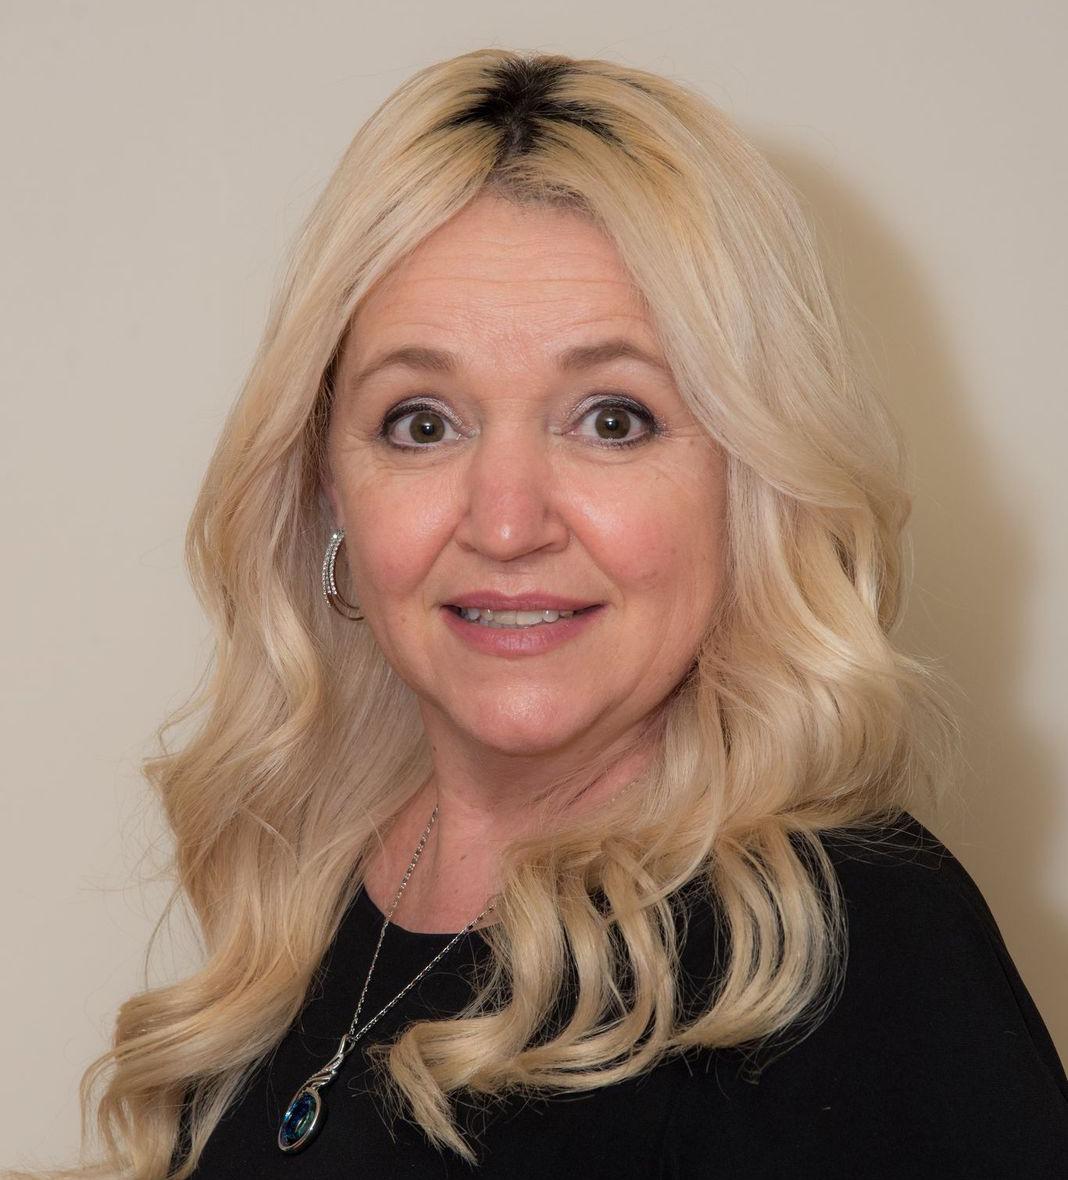 Julie Sesko